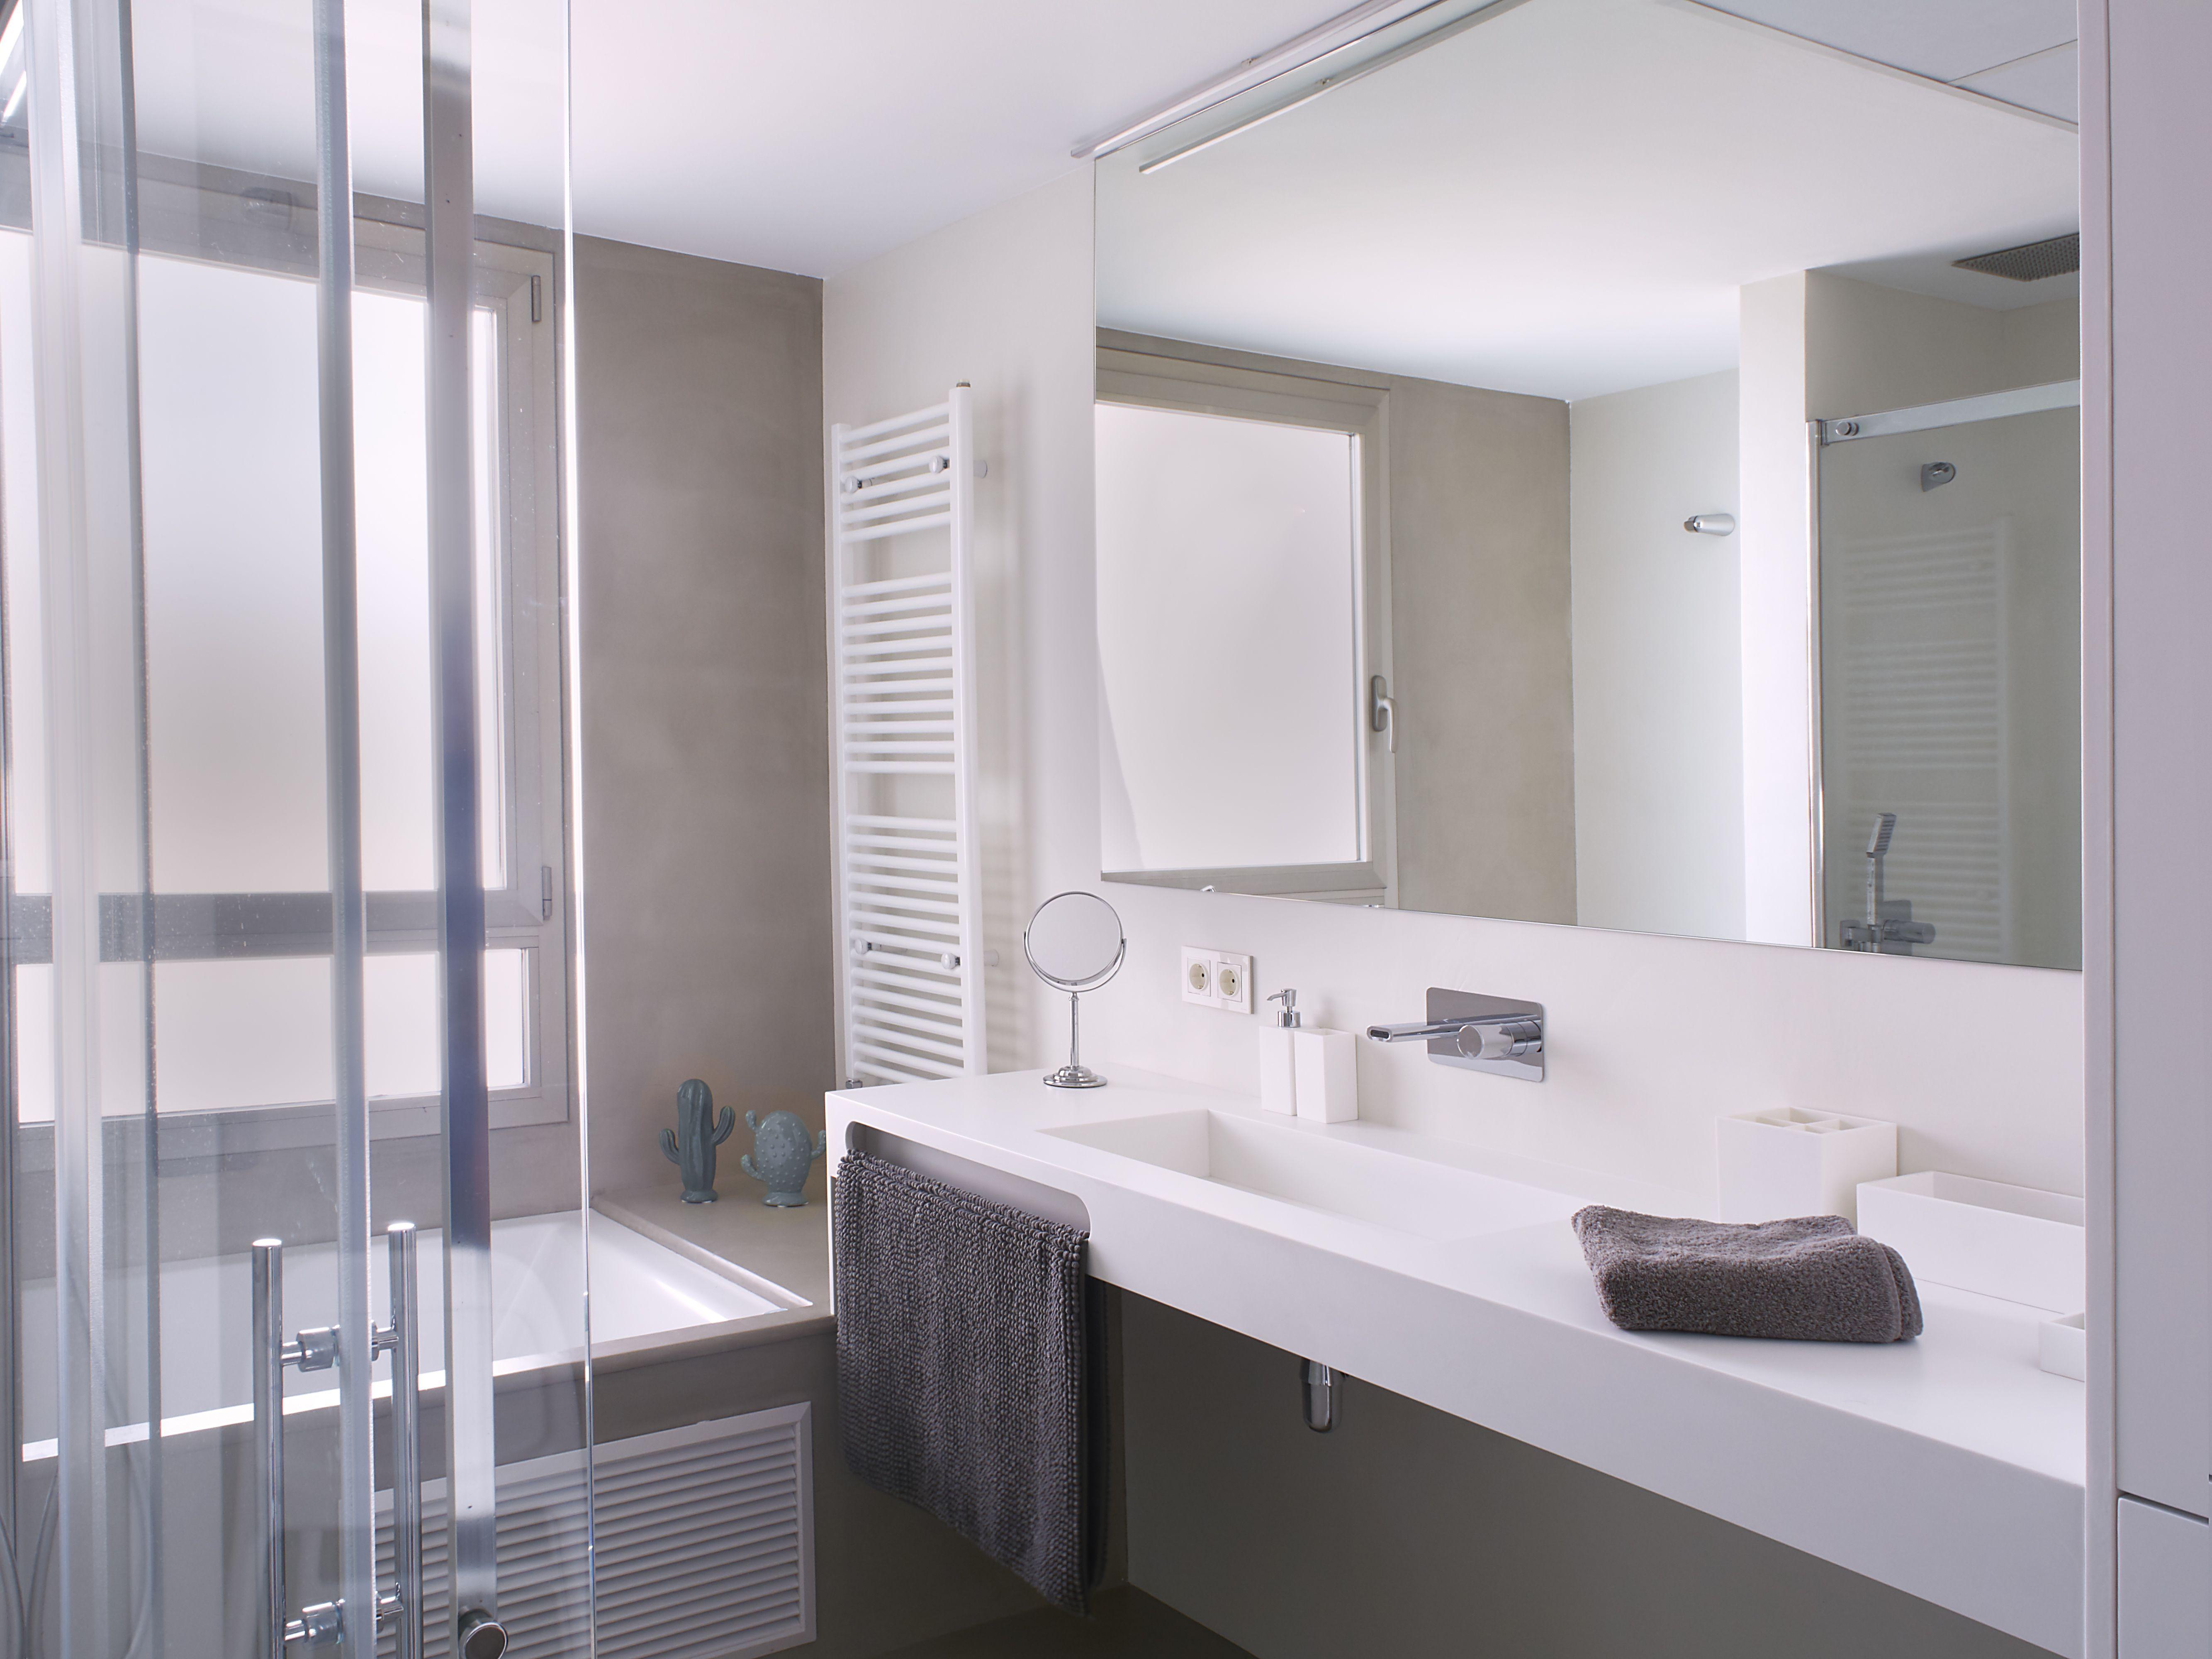 Vivienda Sant Pau | Suelo microcemento, Revestimiento paredes y Baño ...